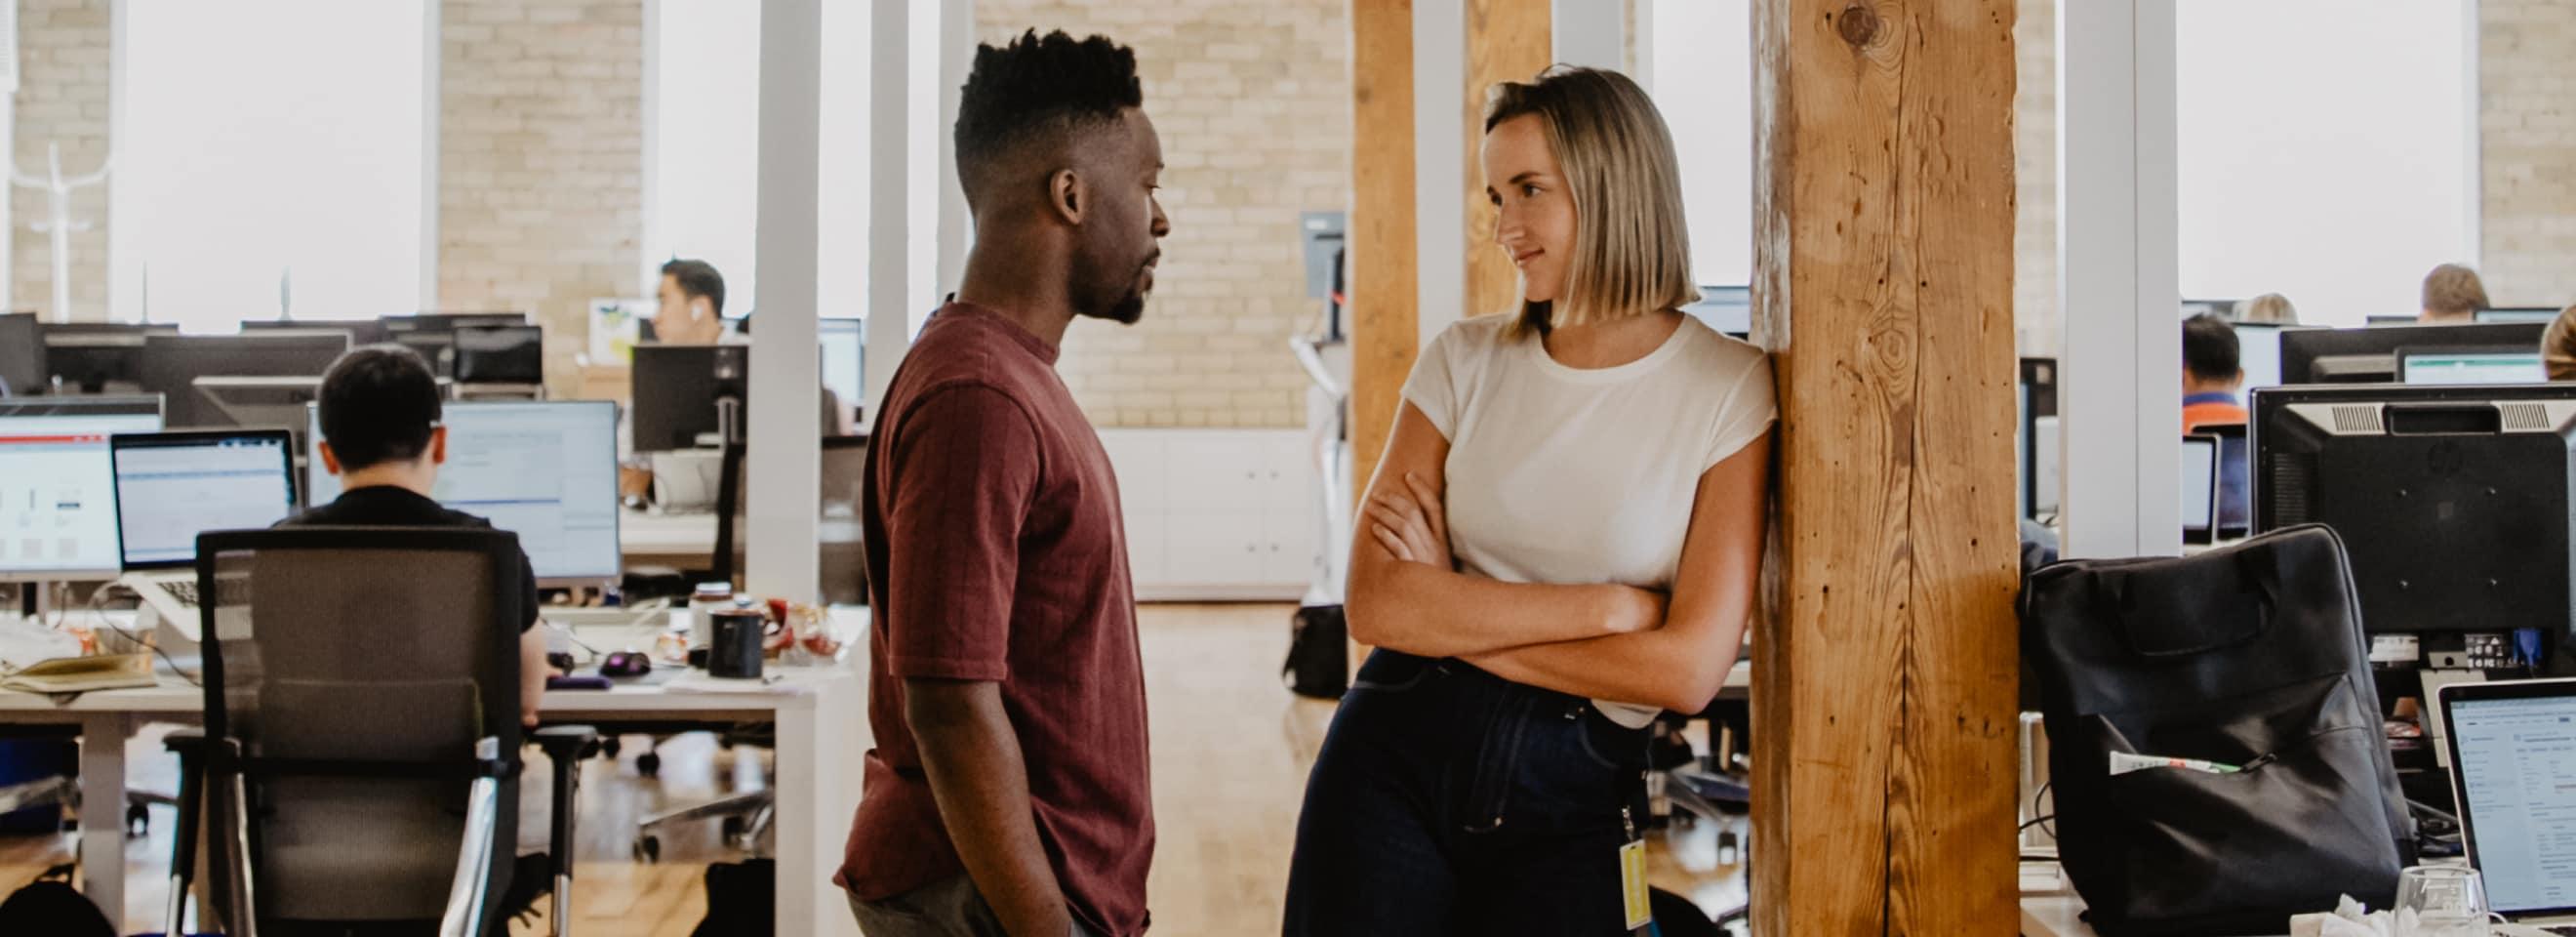 Two Loblaw employees talking in an open office space.